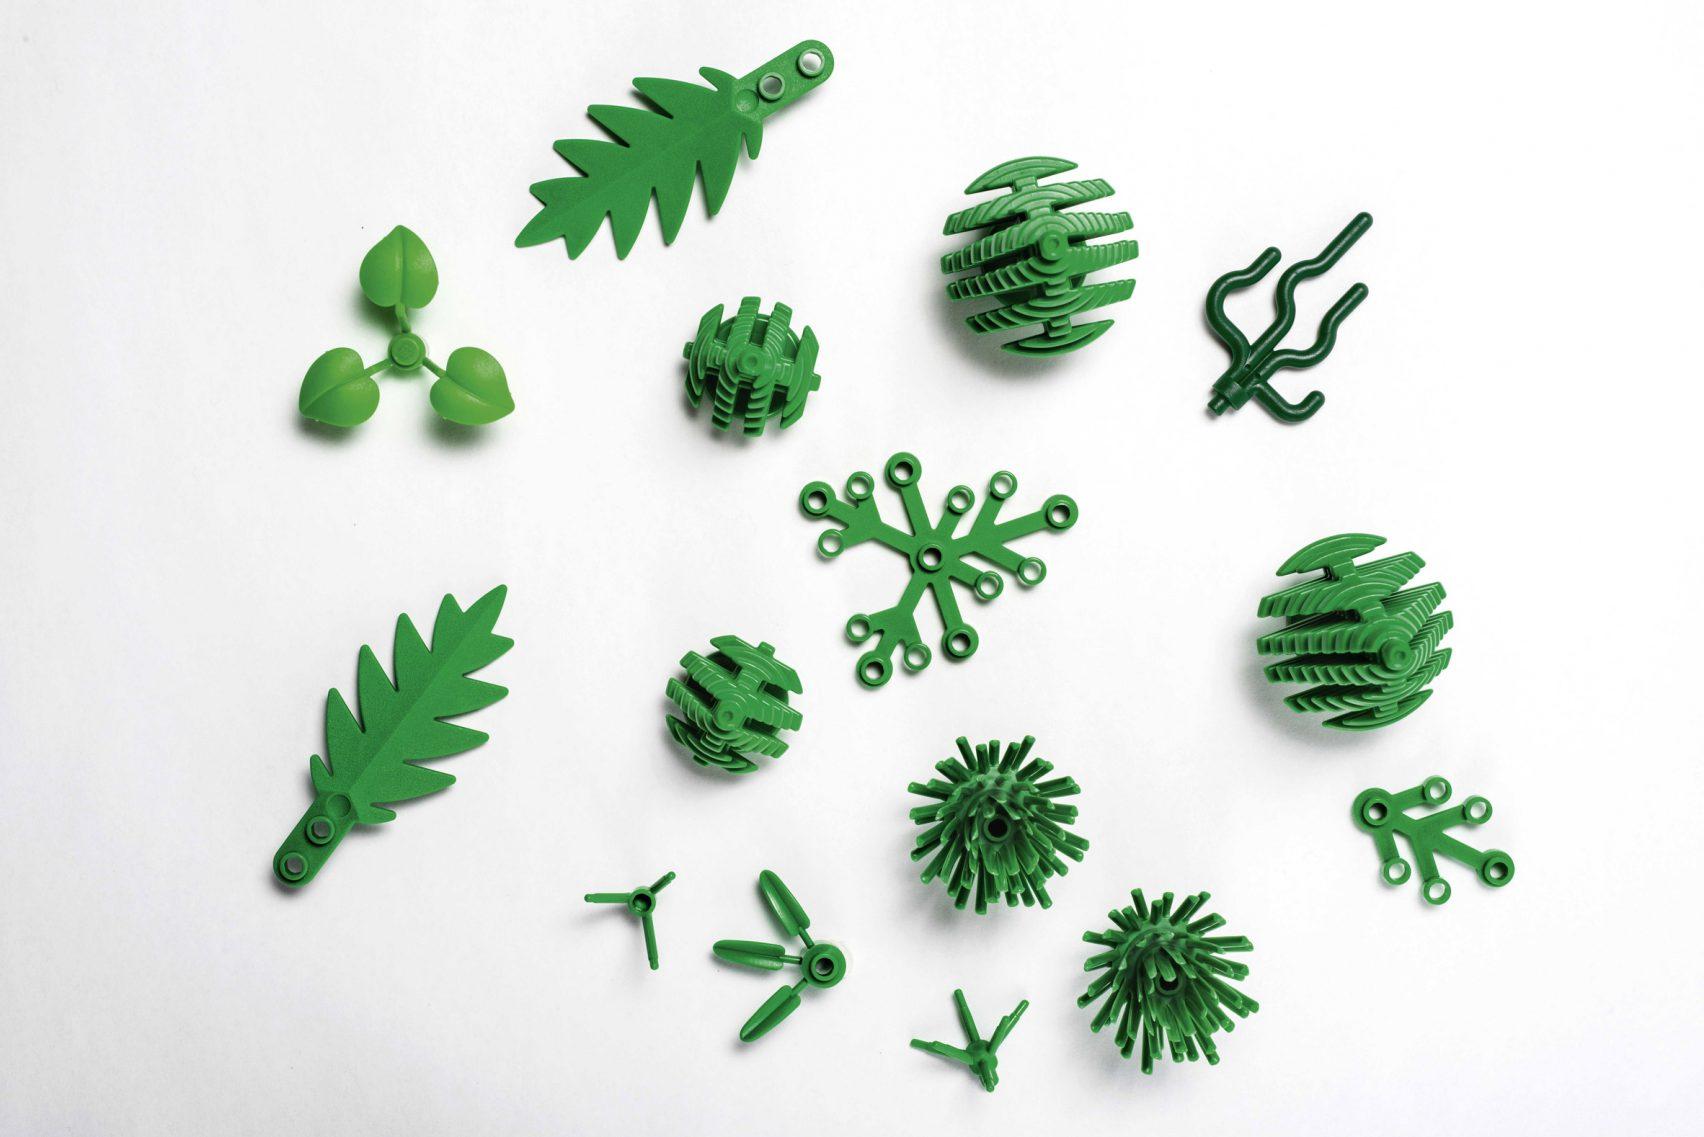 Lego přichází s novou ekologickou řadou kostiček